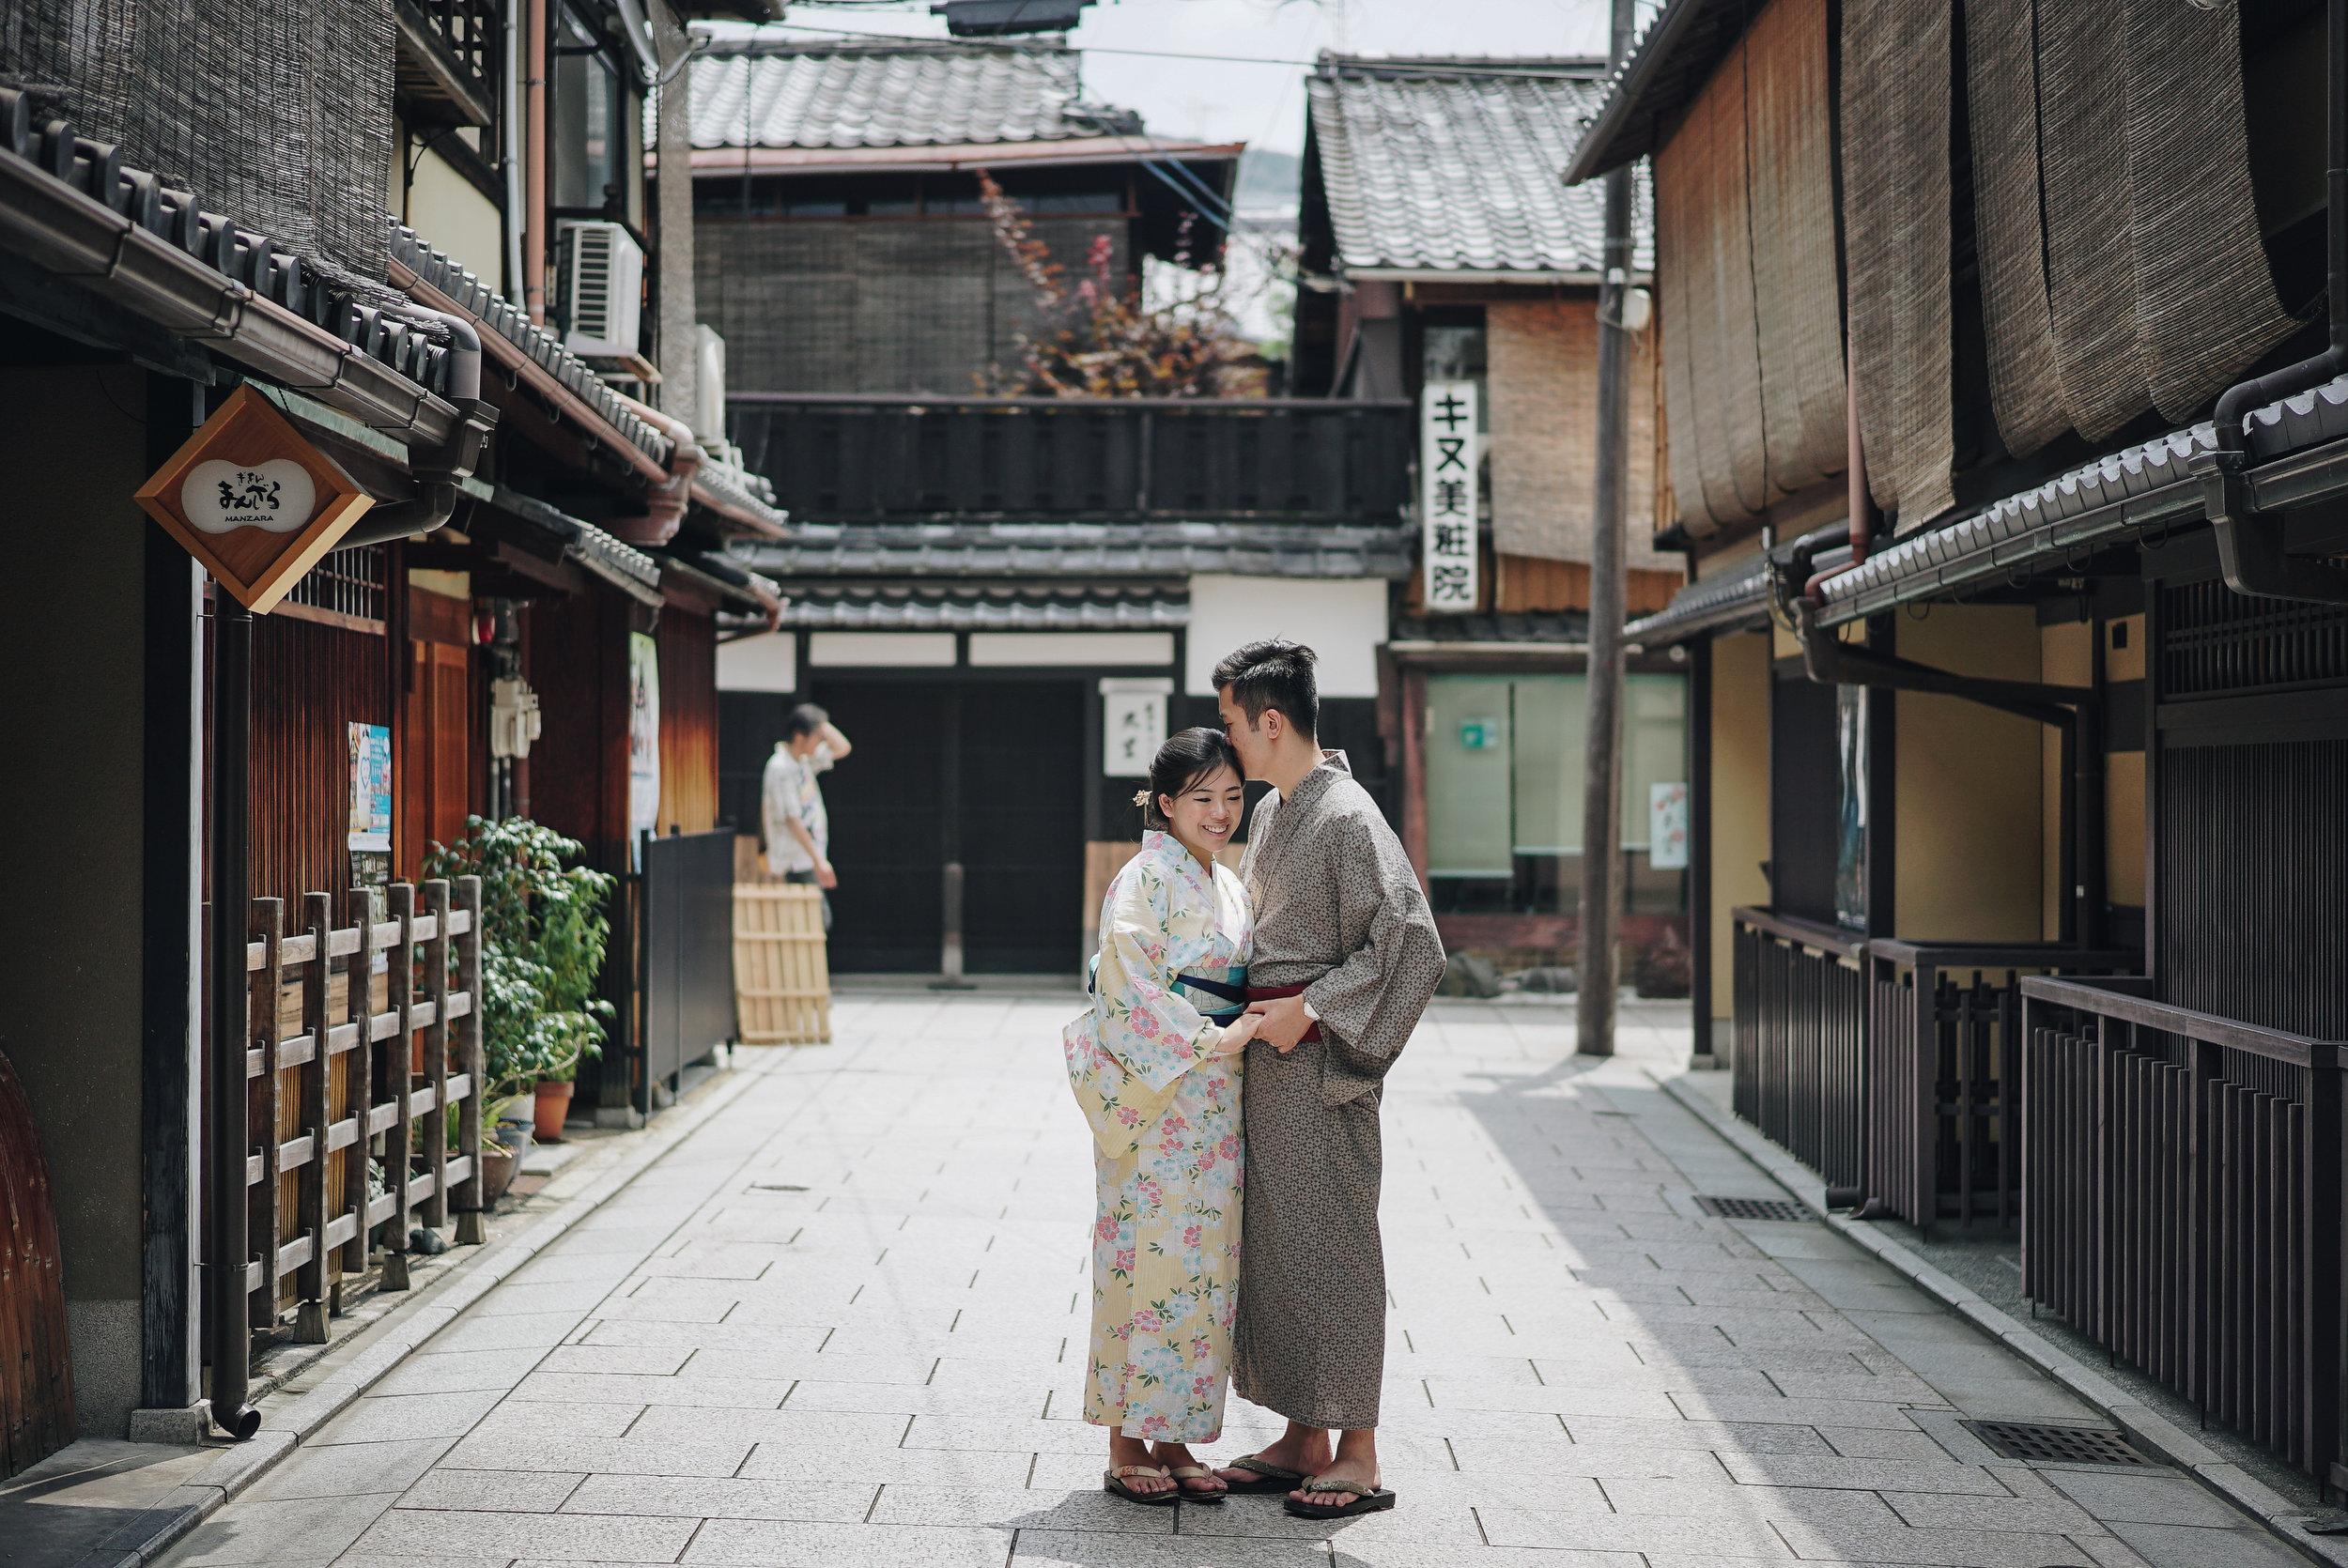 michelle_sanchie-kyoto-s1_4.jpg